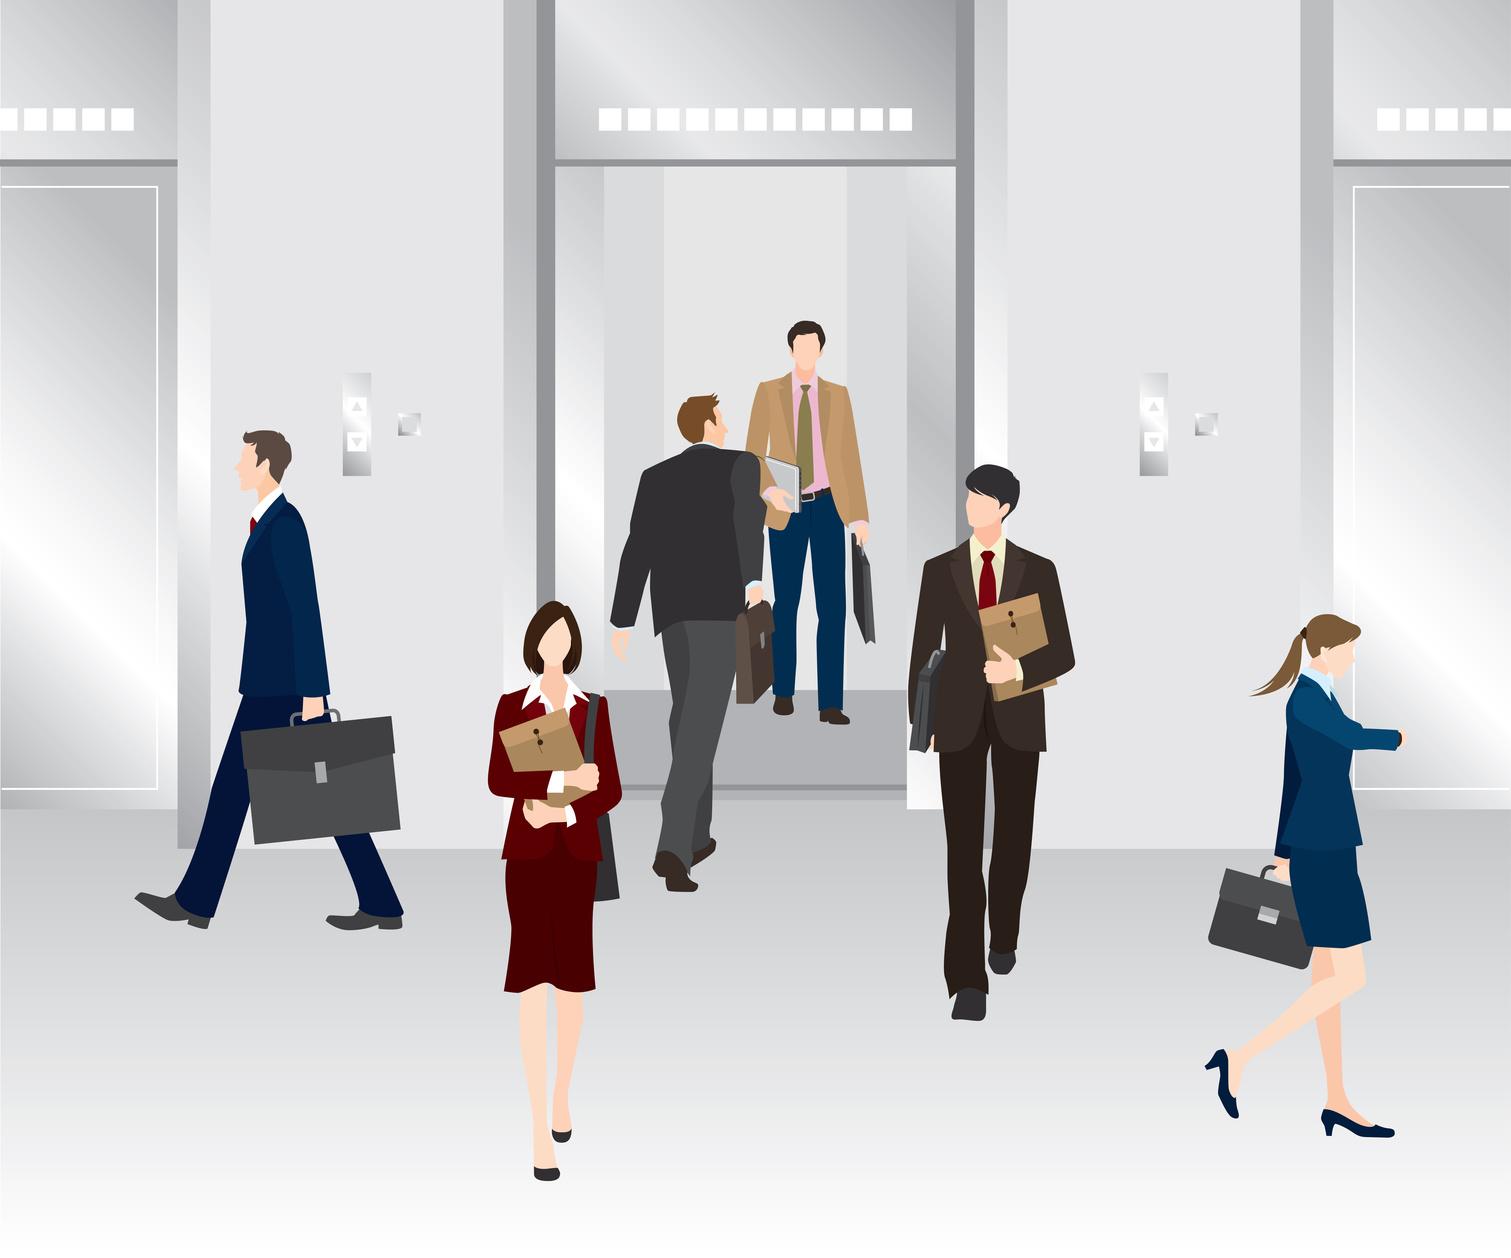 Wachstum im Unternehmen durch Organisation und Struktur